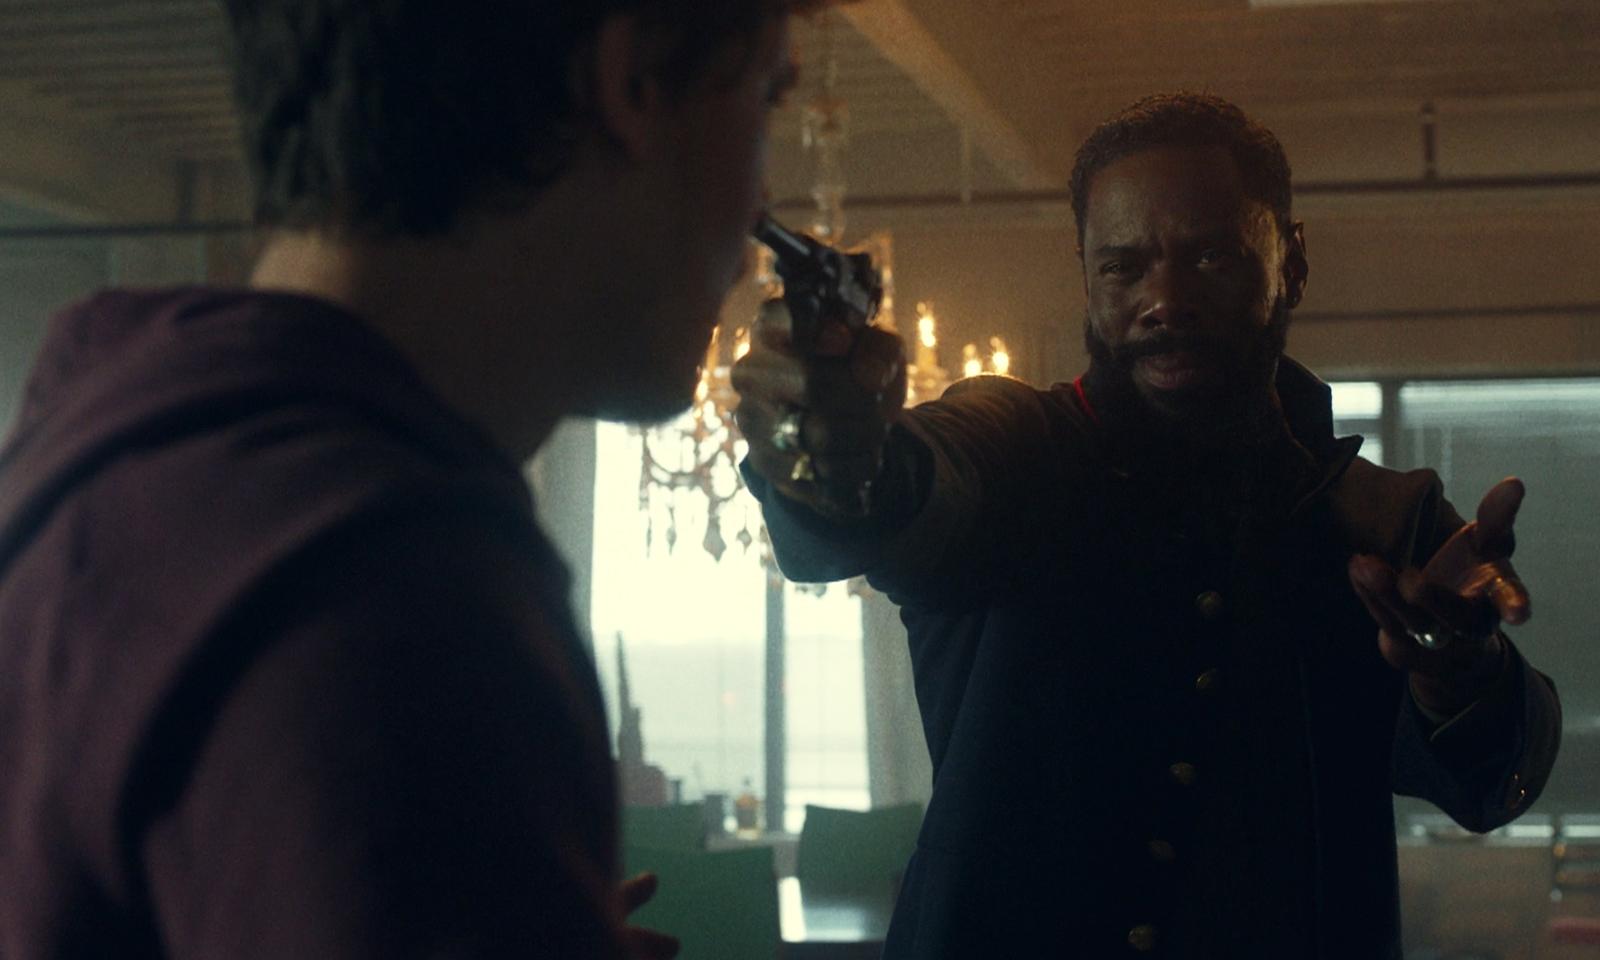 Victor apontando uma arma para um homem e pedindo algo no episódio 1 da 7ª temporada de Fear the Walking Dead.